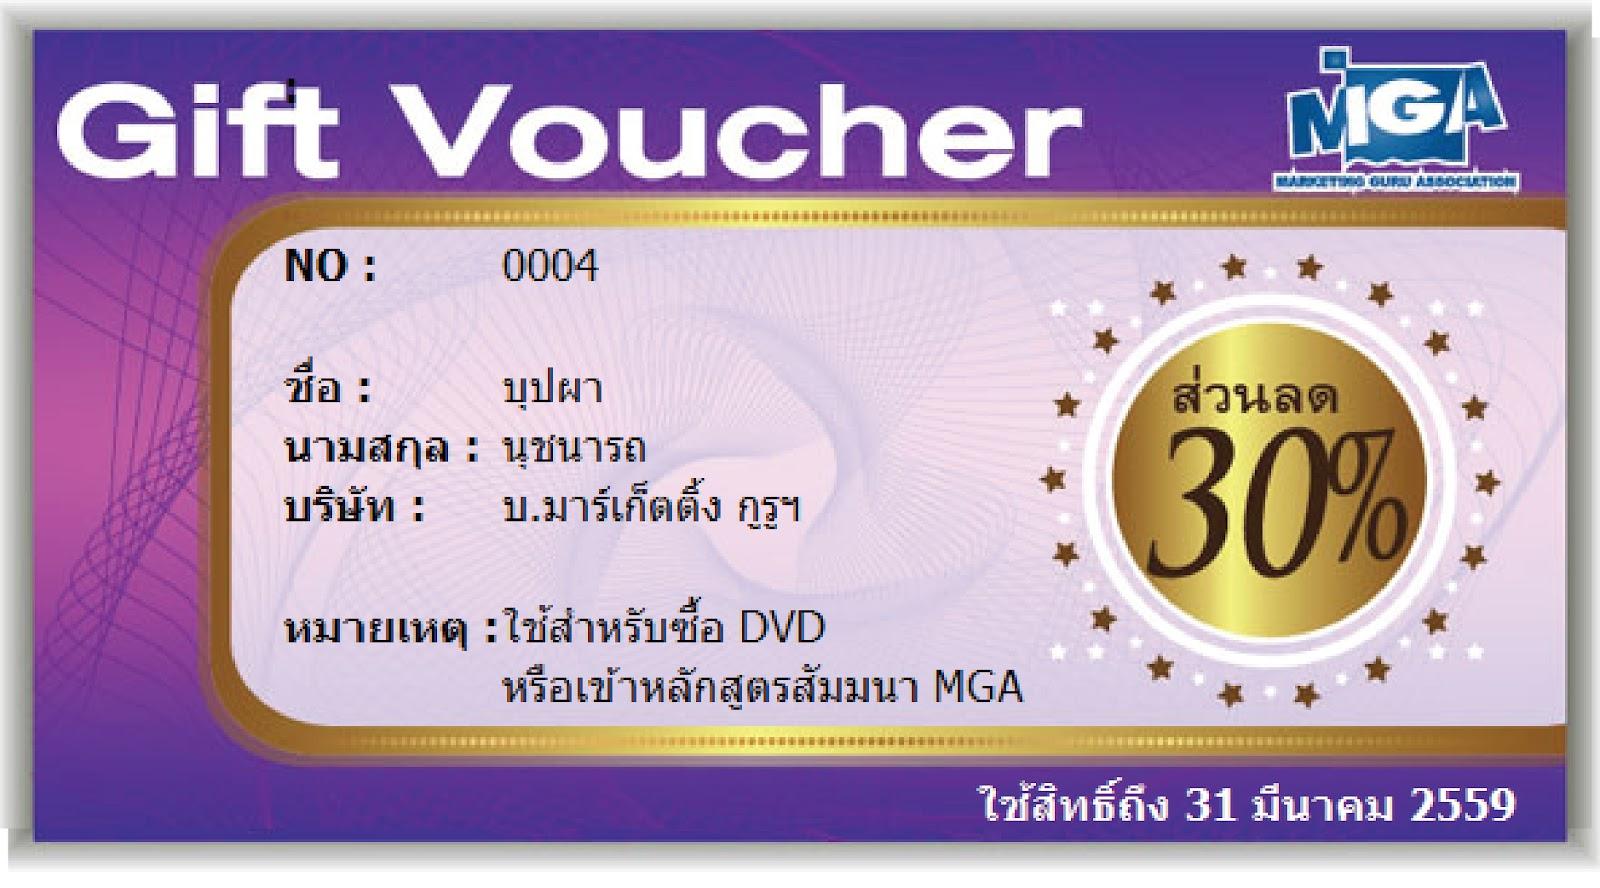 บัตรส่วนลด 30%  อบรมการตลาด  หรือ ซื้อ  DVD ใช้อบรมพนักงาน